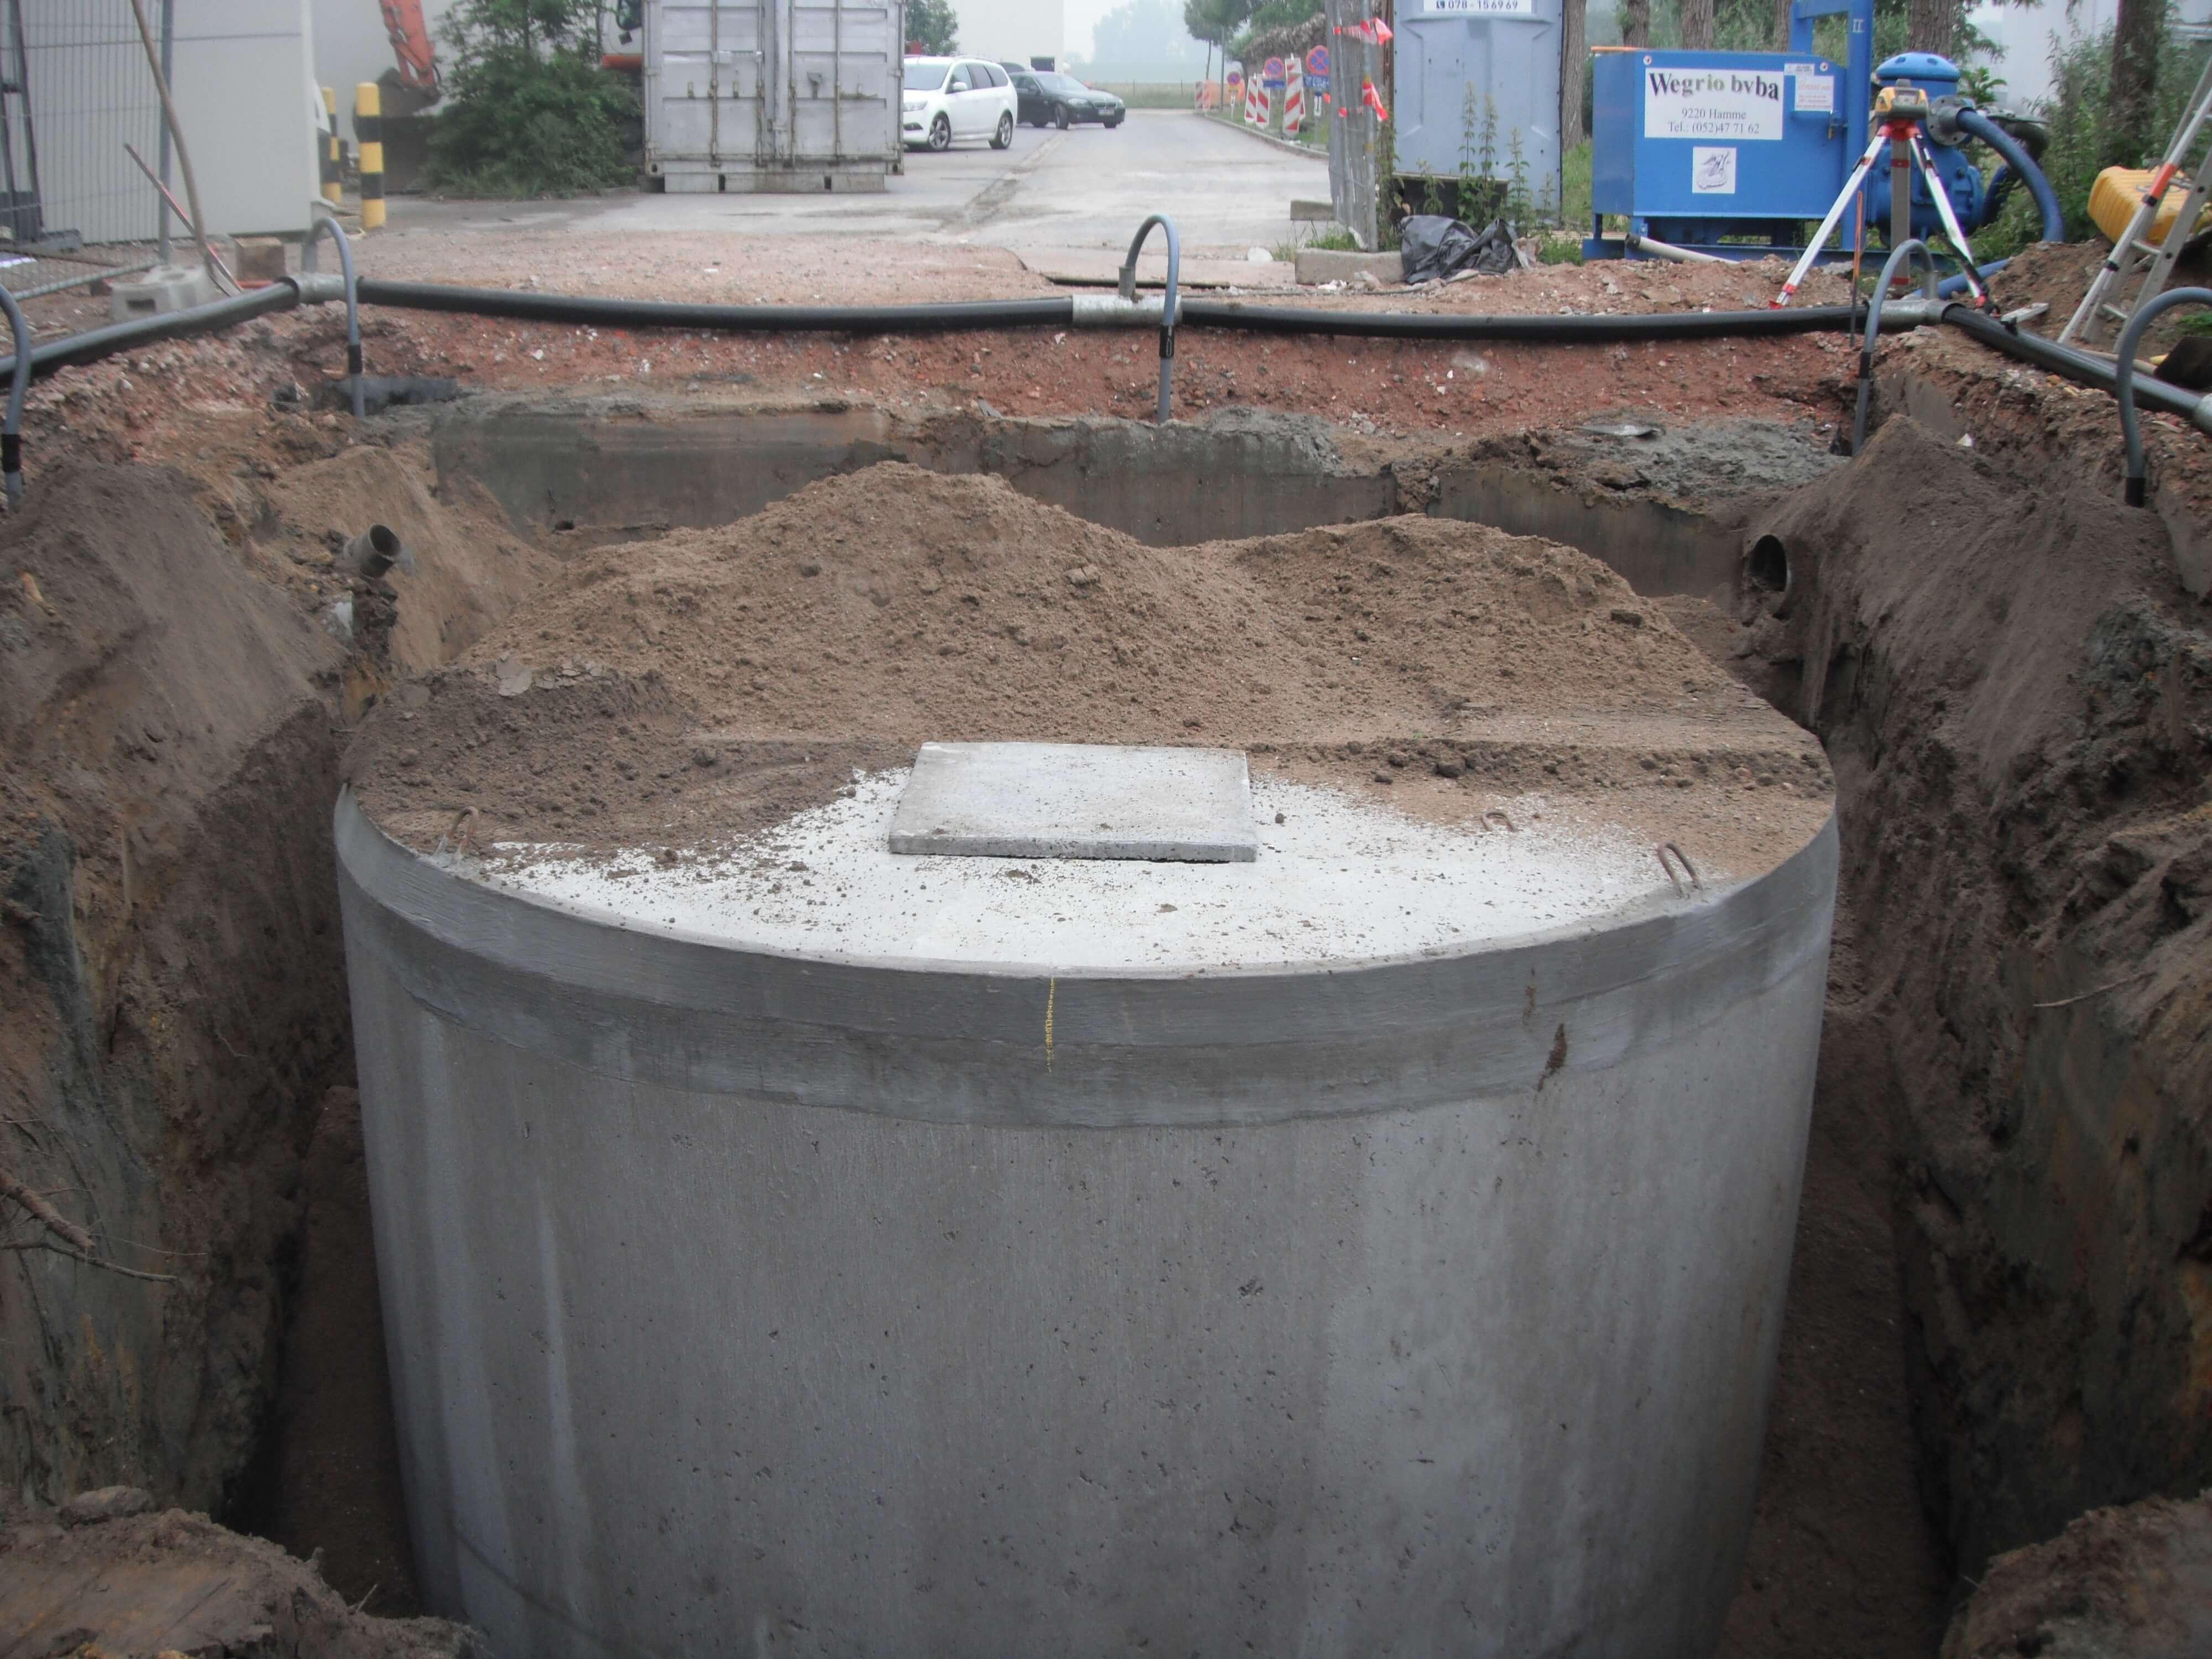 Regenput laten steken of een iba systeem werk voor wegrio for Tuin aan laten leggen